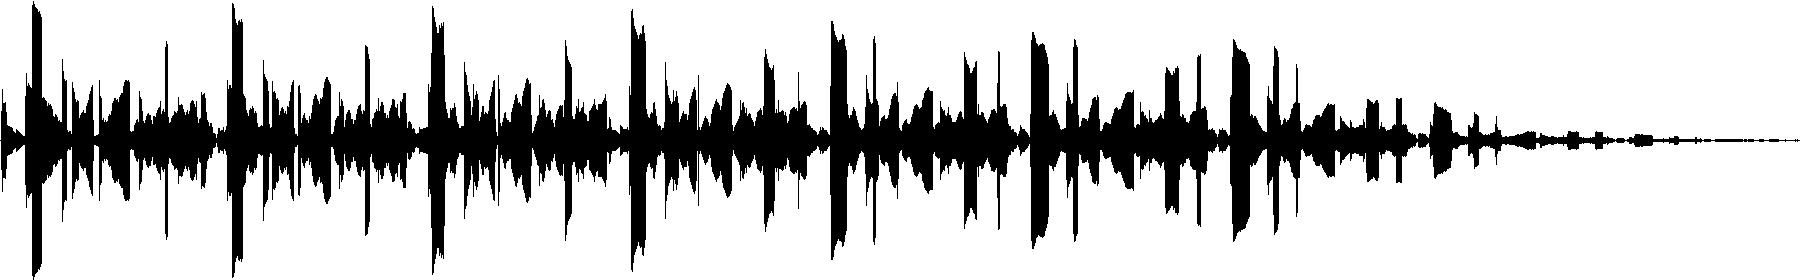 veh2 synths   071 c